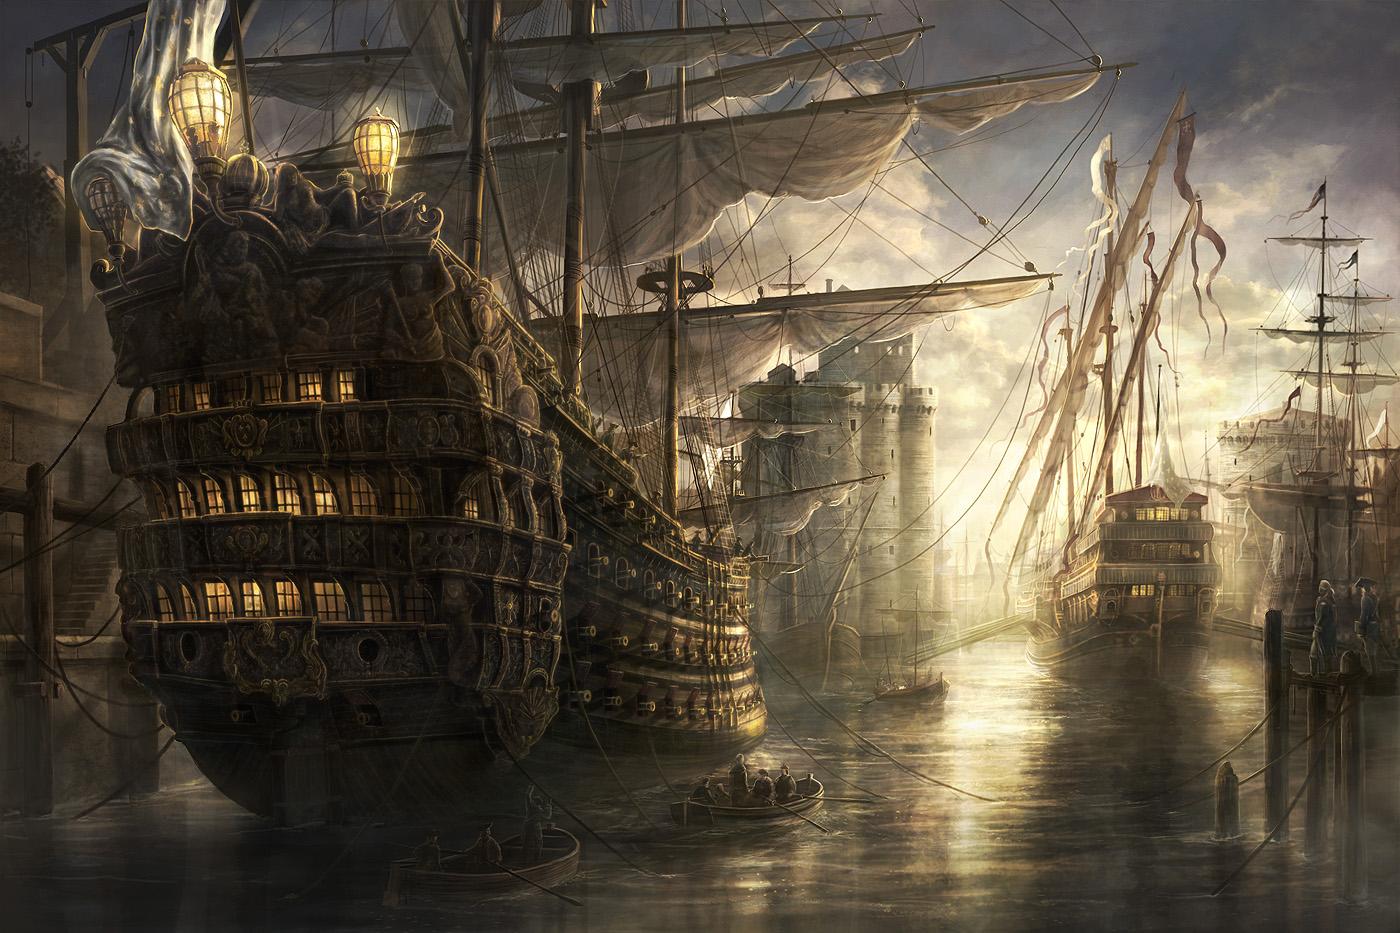 Impressive scenes from Rado Javor for Empire